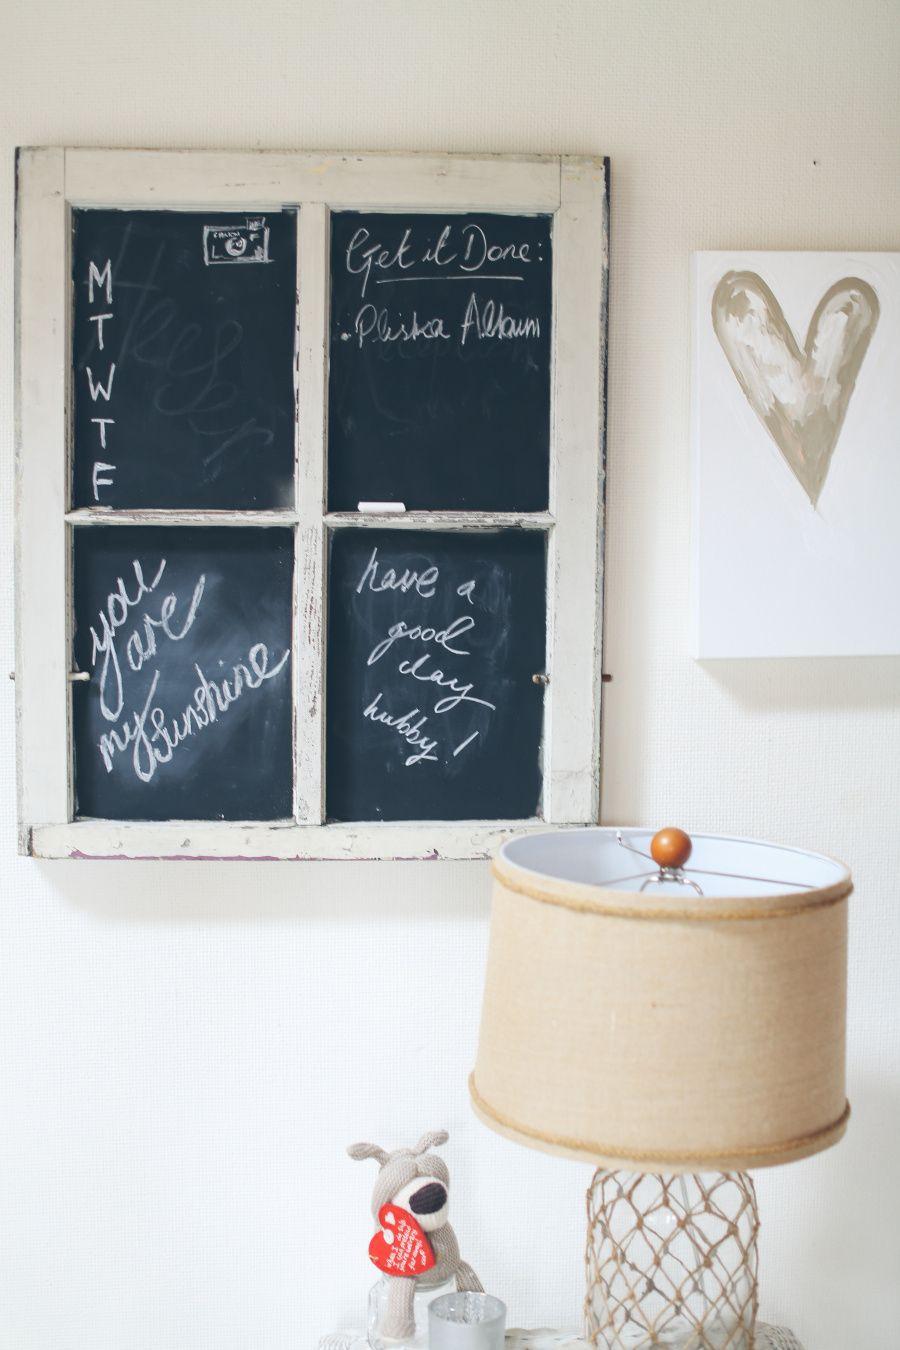 DIY Chalkboard Window frame / picture frame | Lets DIY! | Pinterest ...